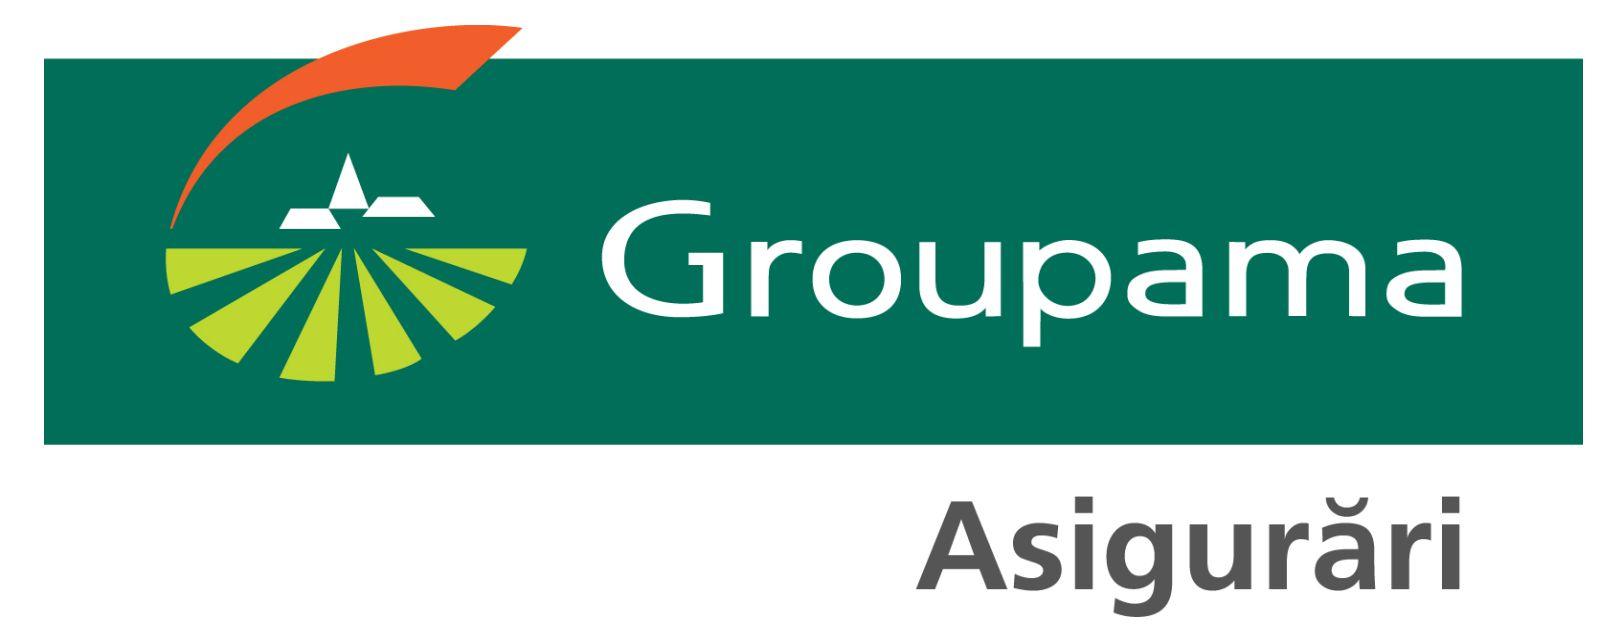 Groupama Asigurari